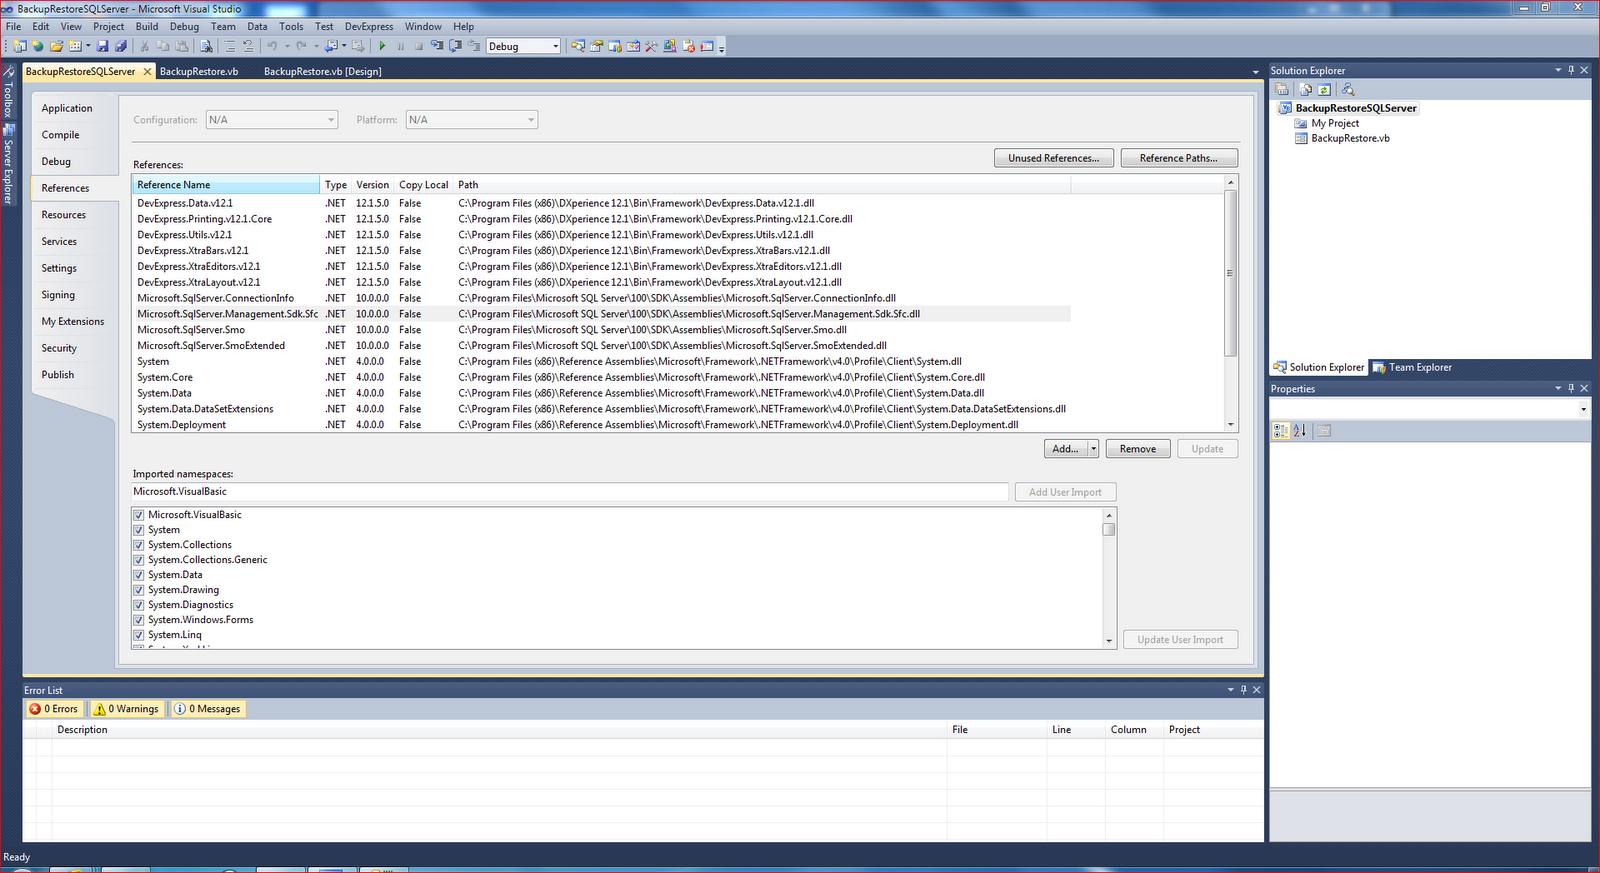 Как сделать бэкап баз в sql server 2008